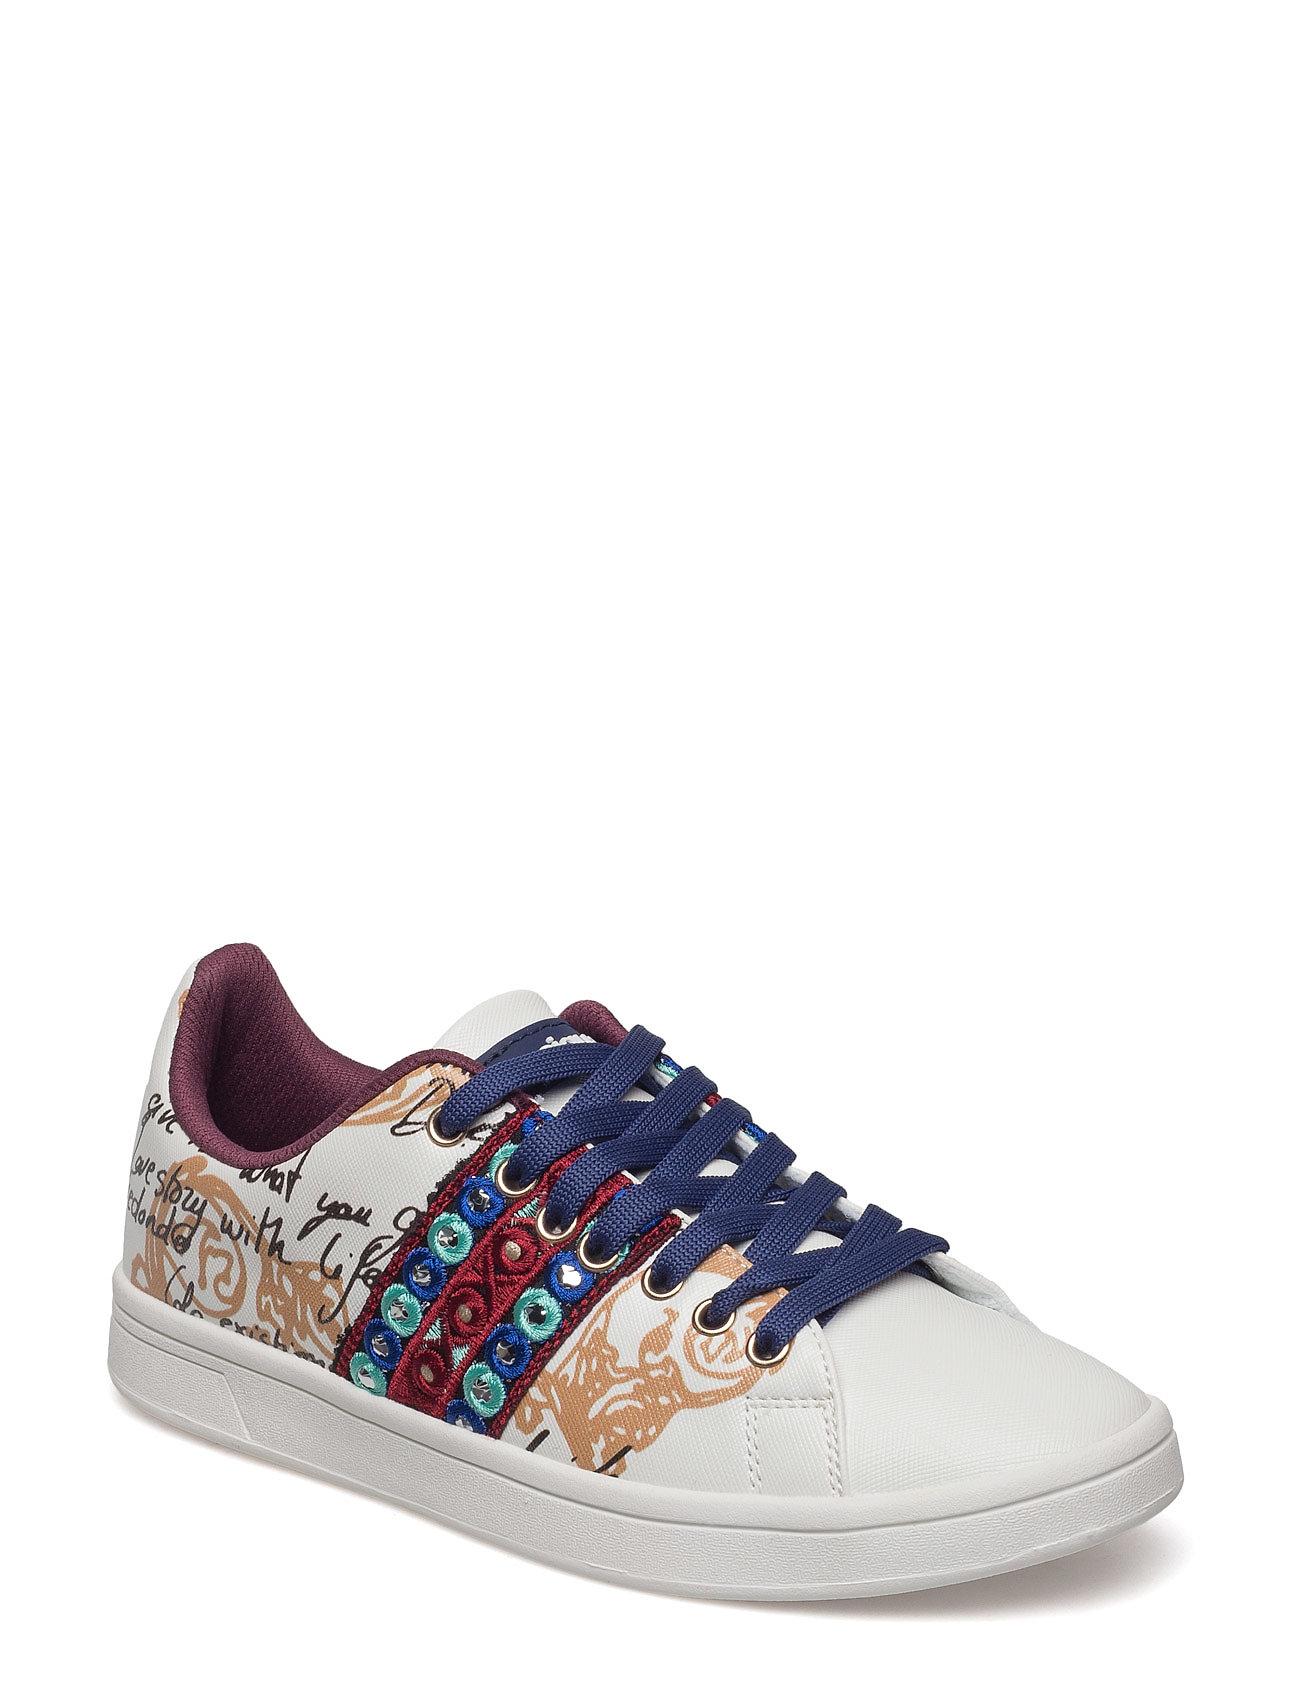 - Shoes Cosmic Exotic Let Desigual Shoes Shoes